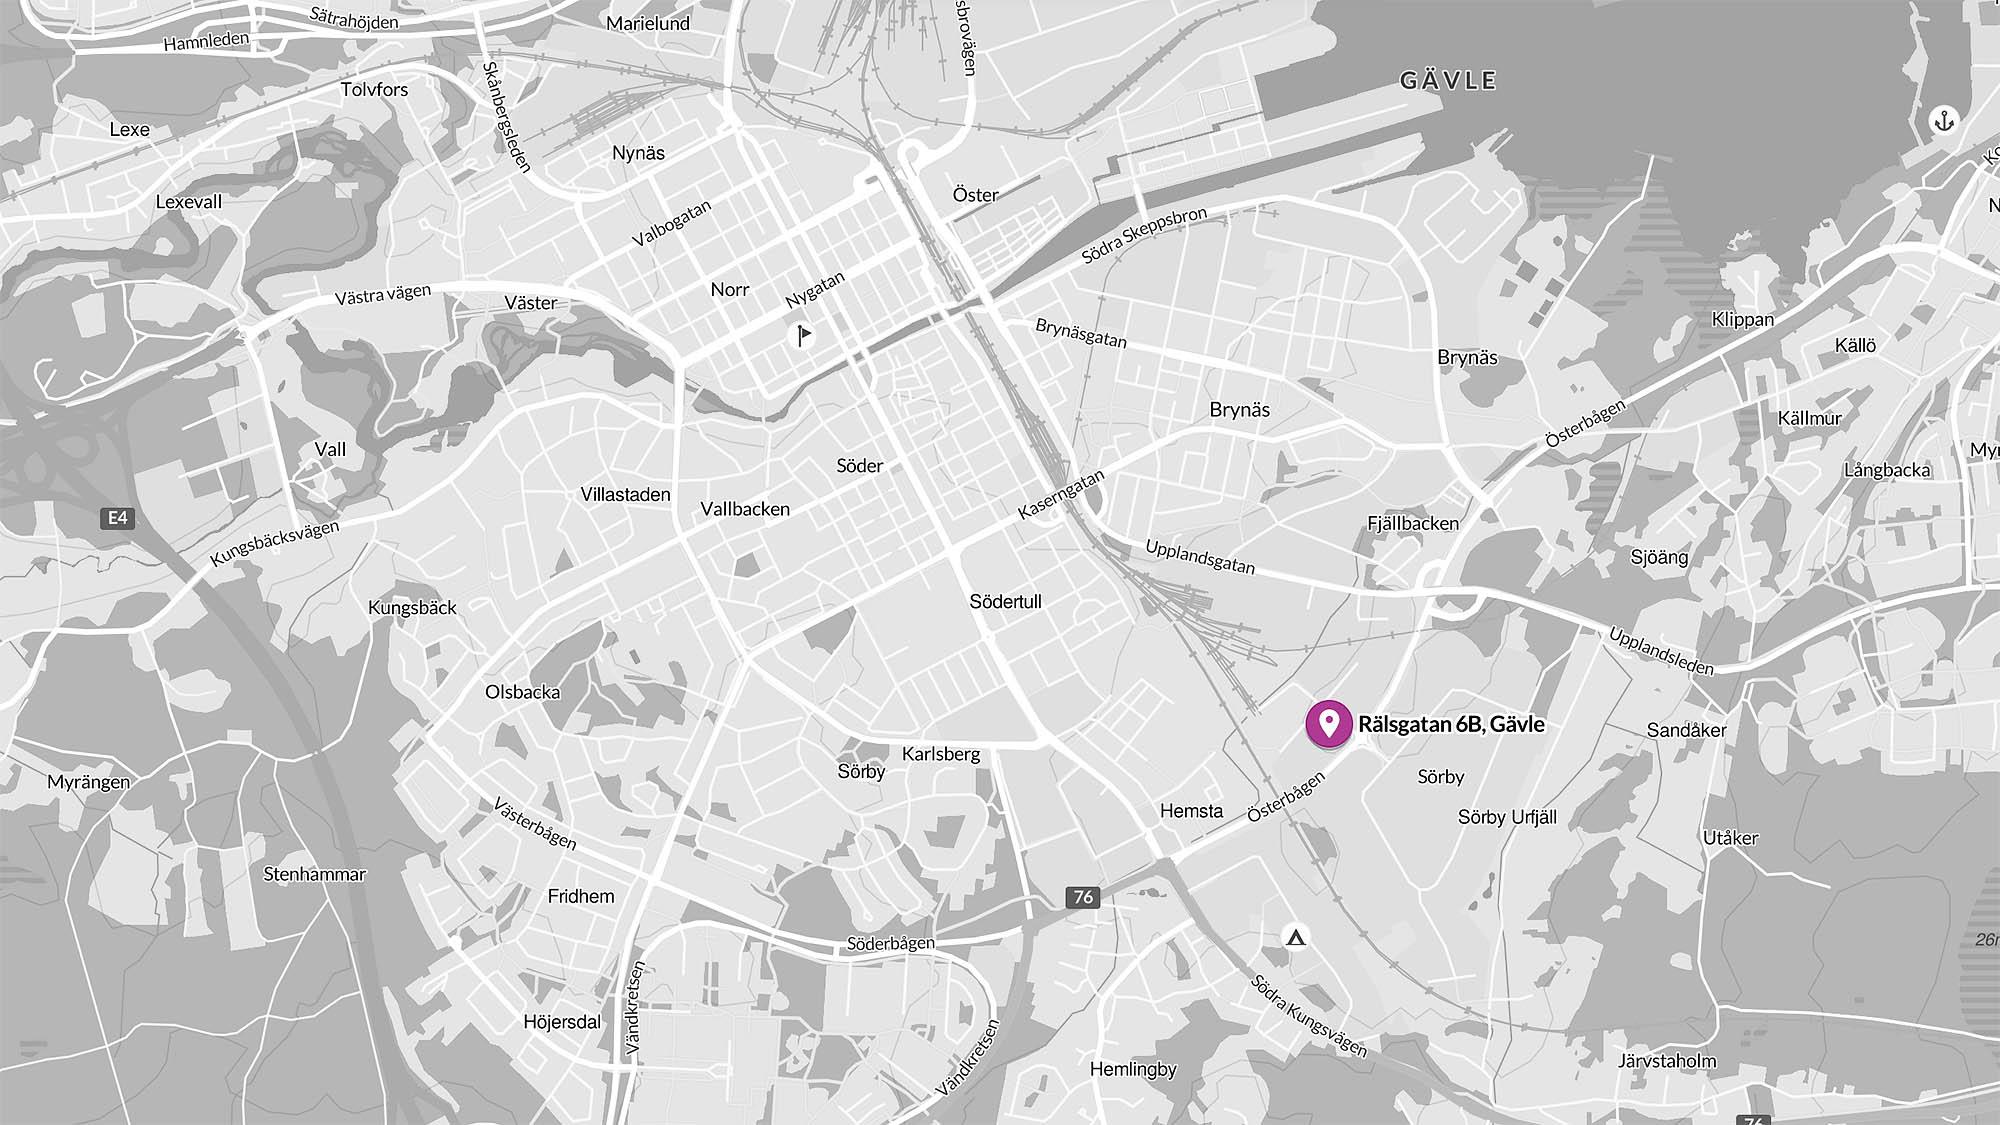 Rälsgatan 6B, Gävle